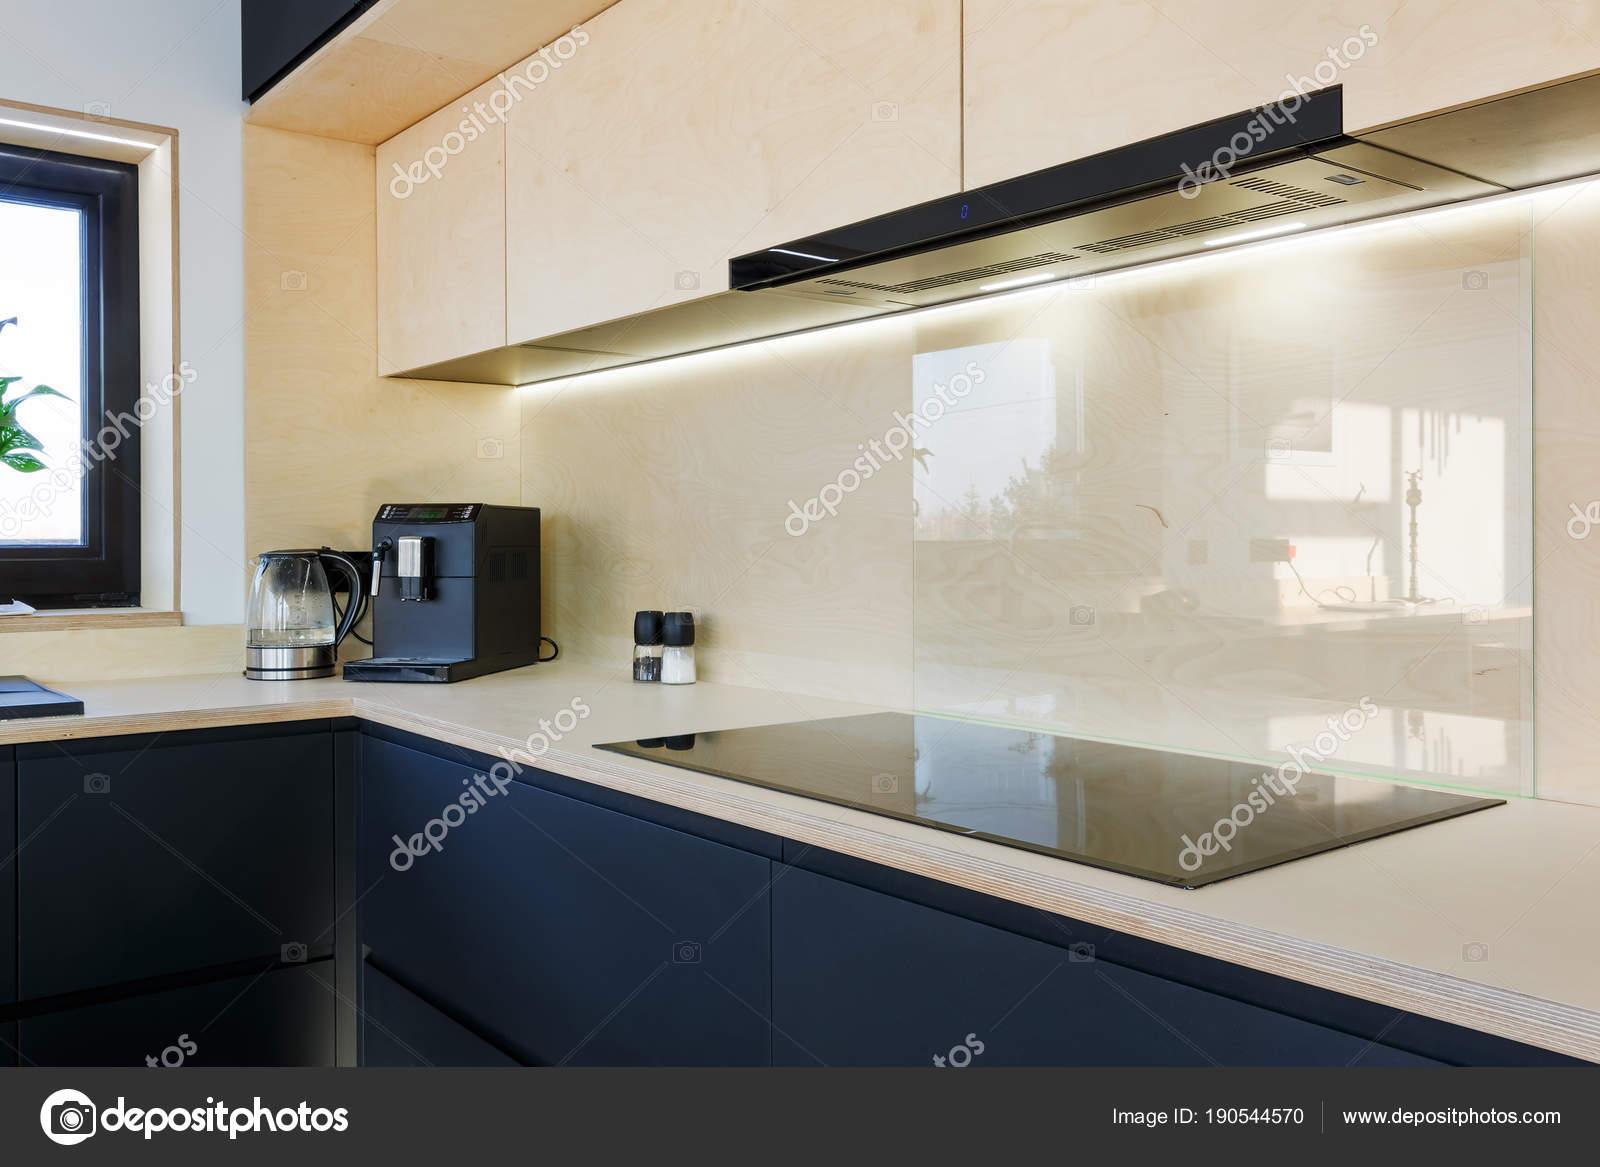 cucina in legno con piano cottura elettrico e cappa — Foto Stock ...